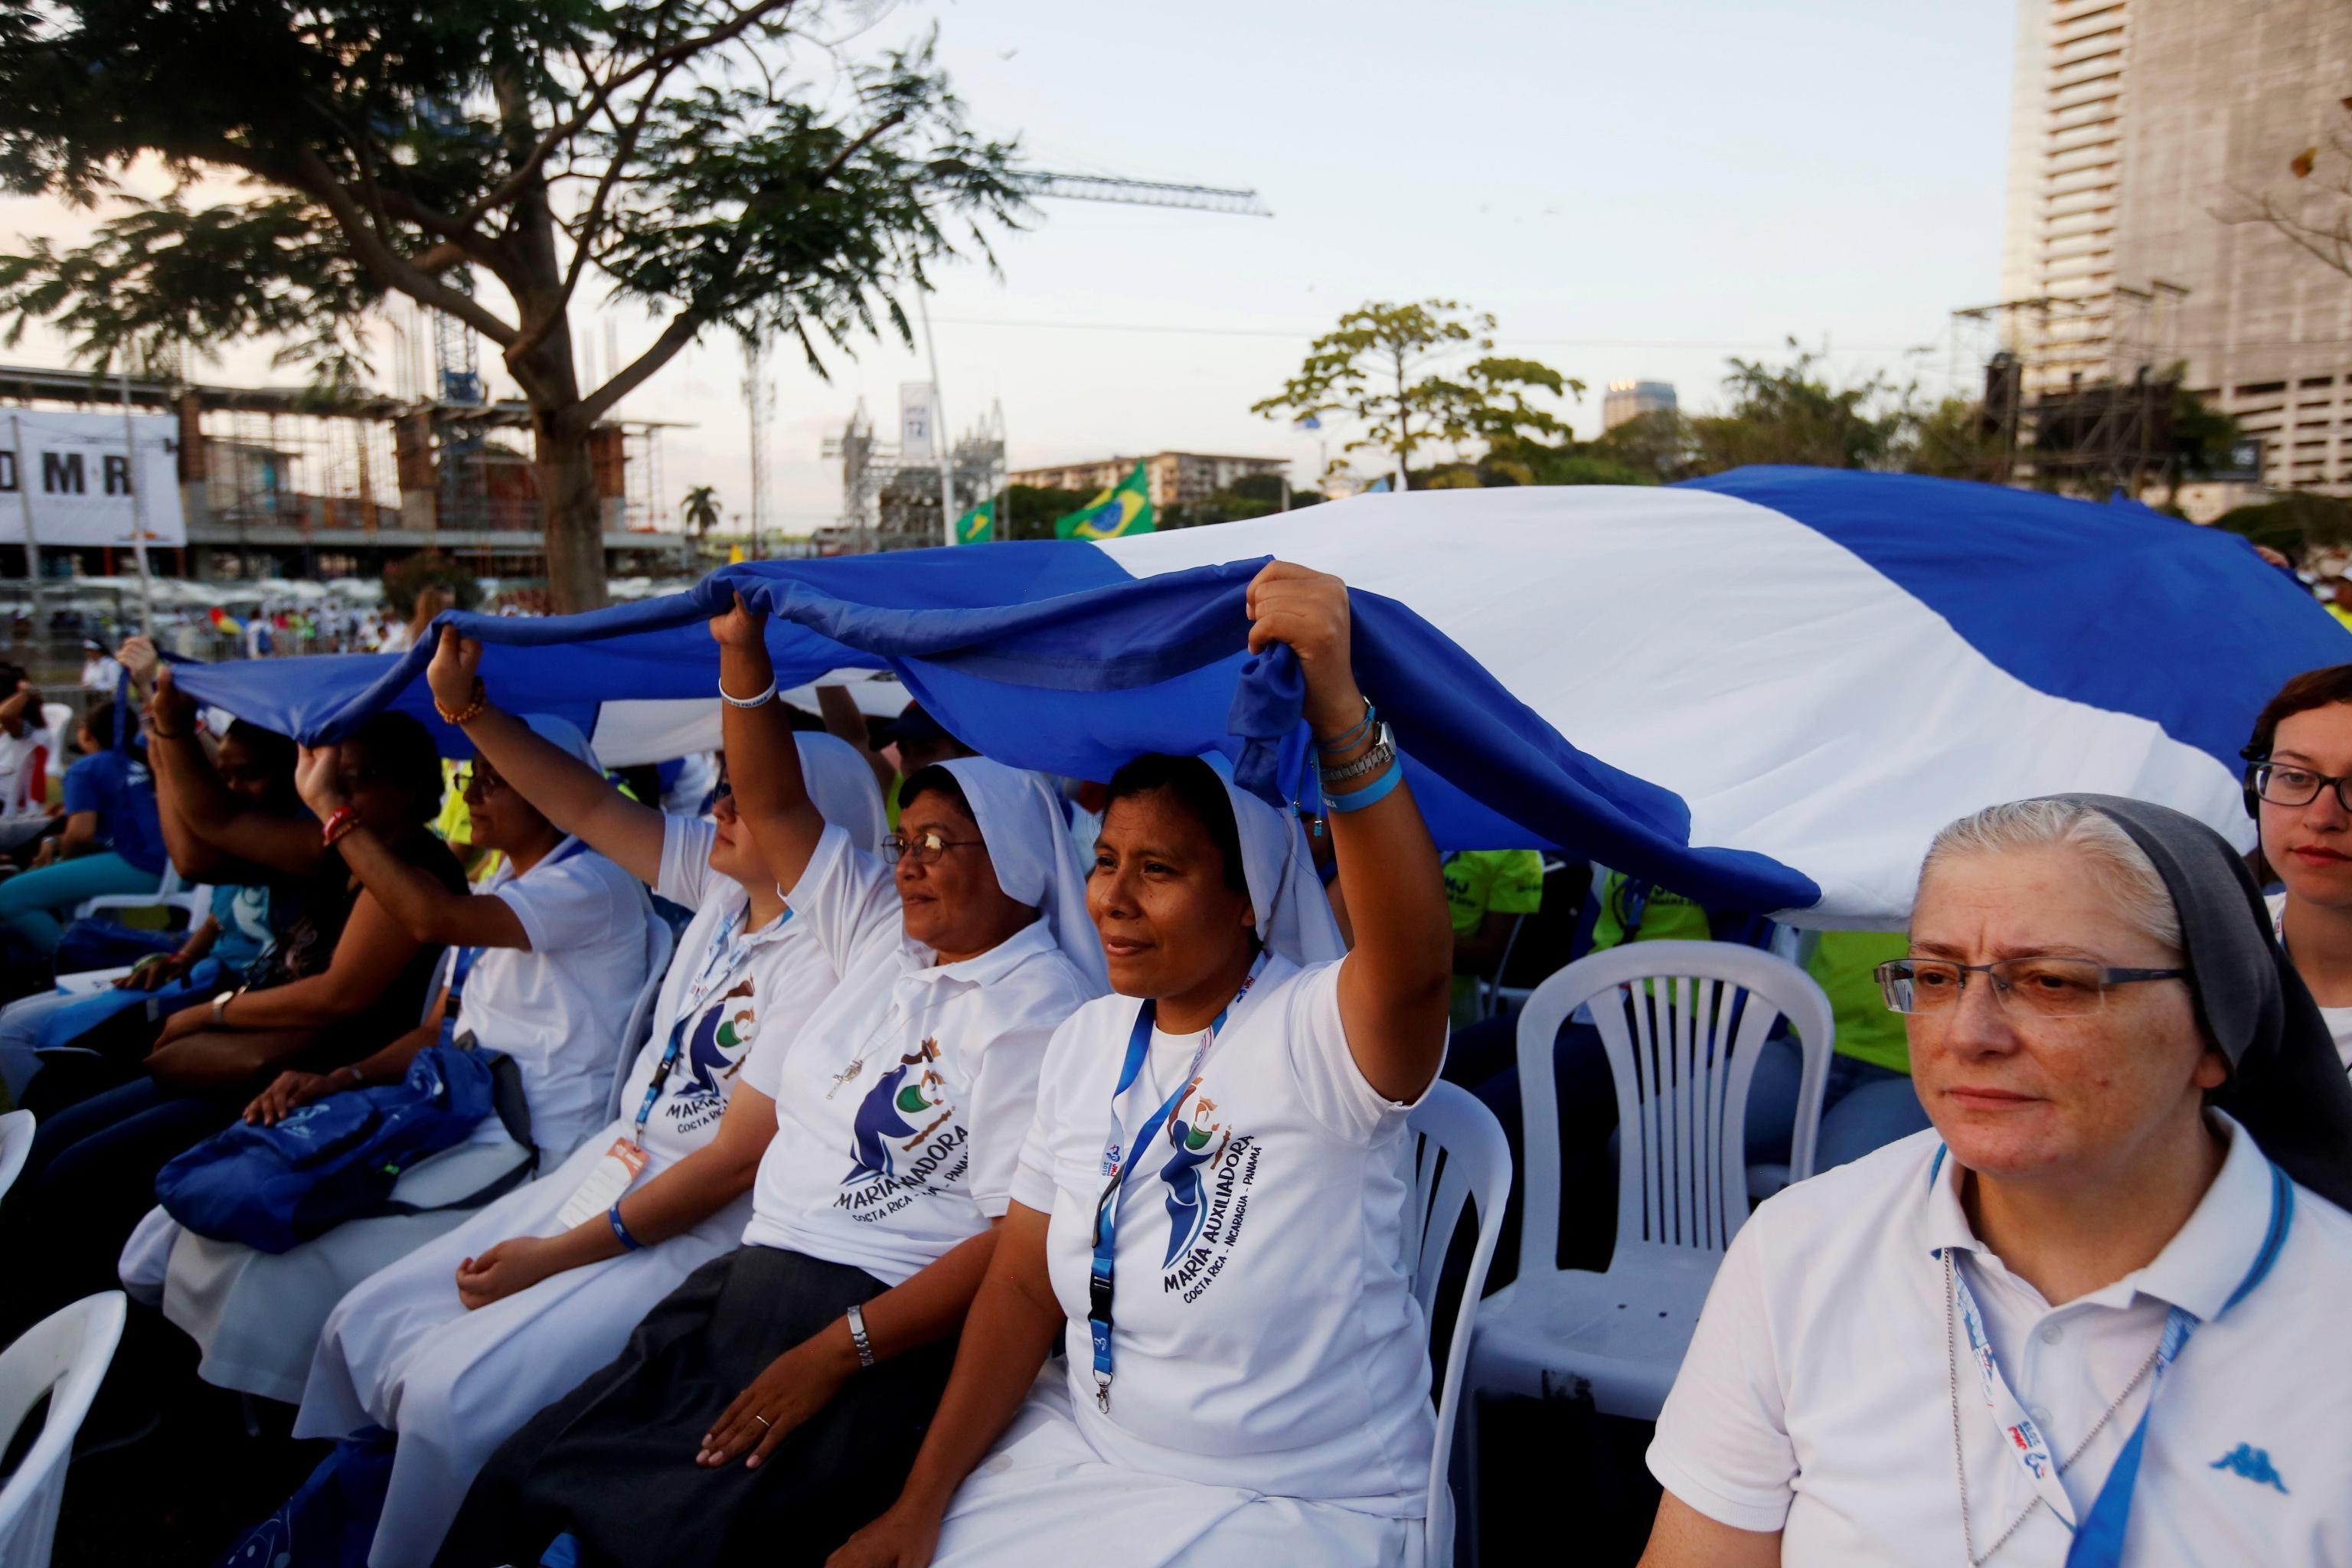 La scelta di Panama come paese ospitante della XXXIV Giornata Mondiale della Gioventù è stata annunciata nel 2016, al termine dell'ultima edizione delle Giornate, tenutesi a Cracovia